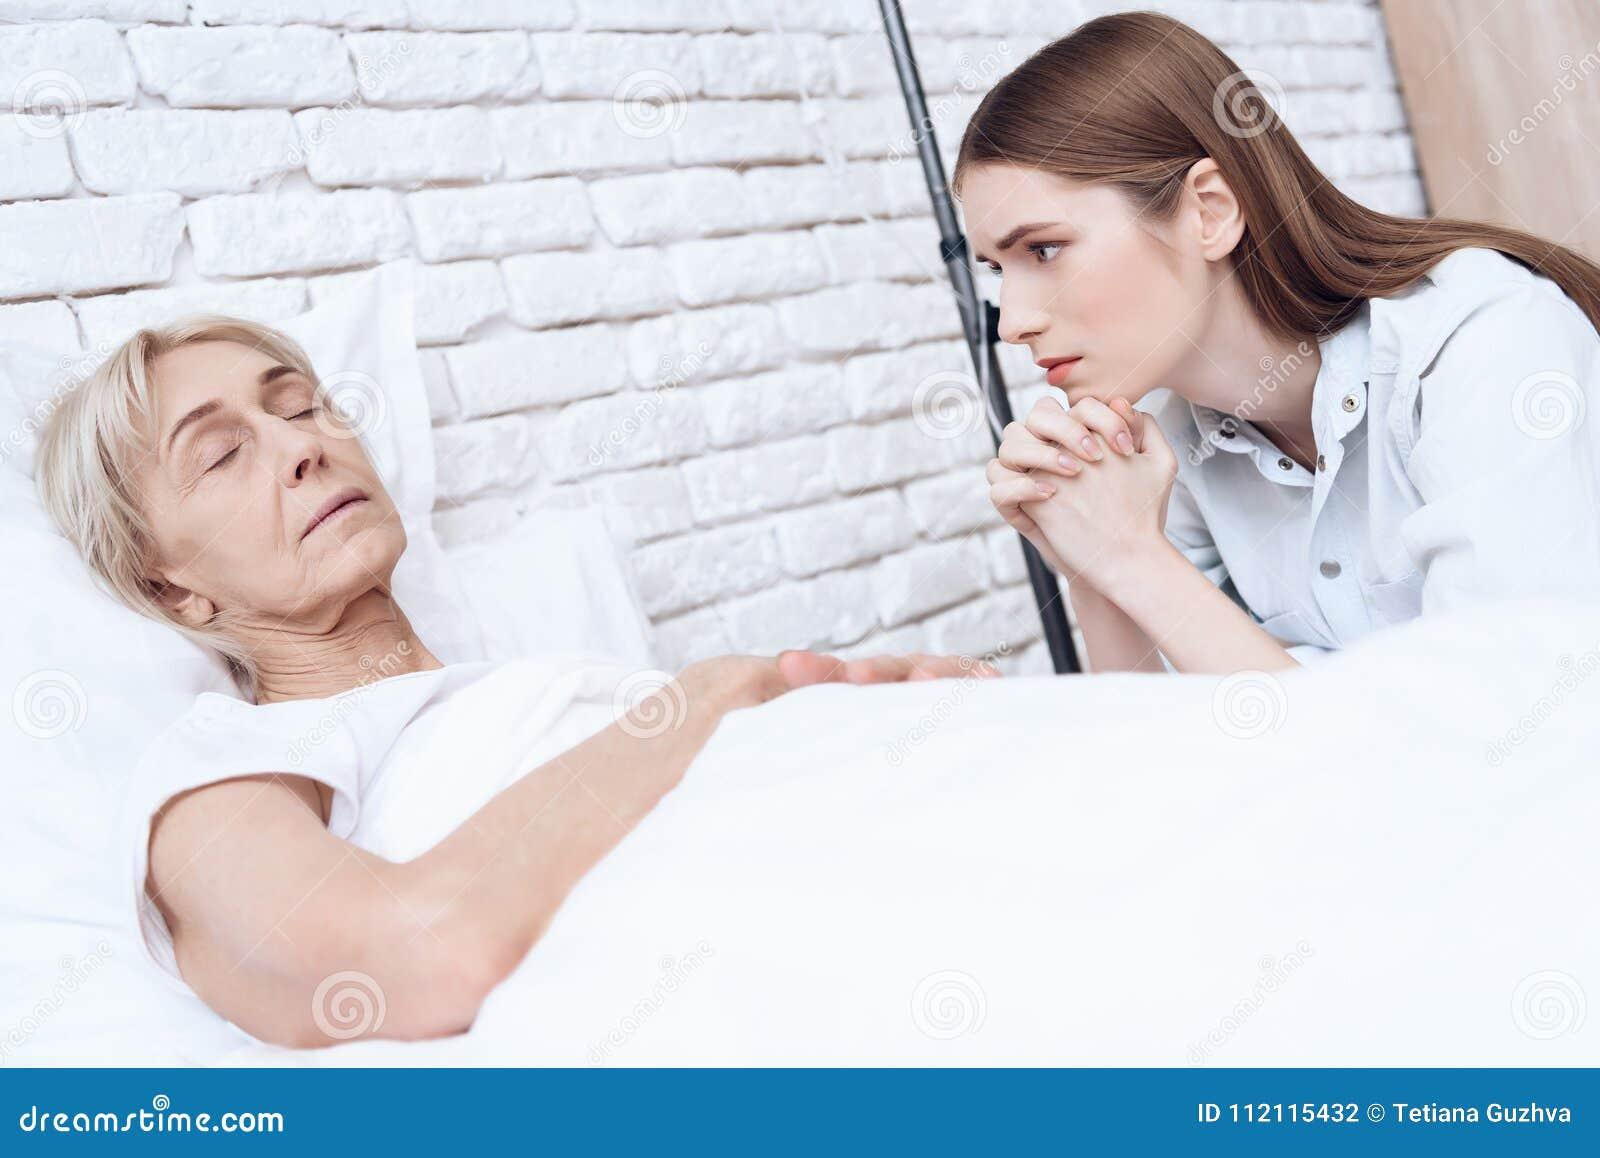 La fille soigne la femme agée à la maison La femme se sent mal, fille est s est inquiétée de elle